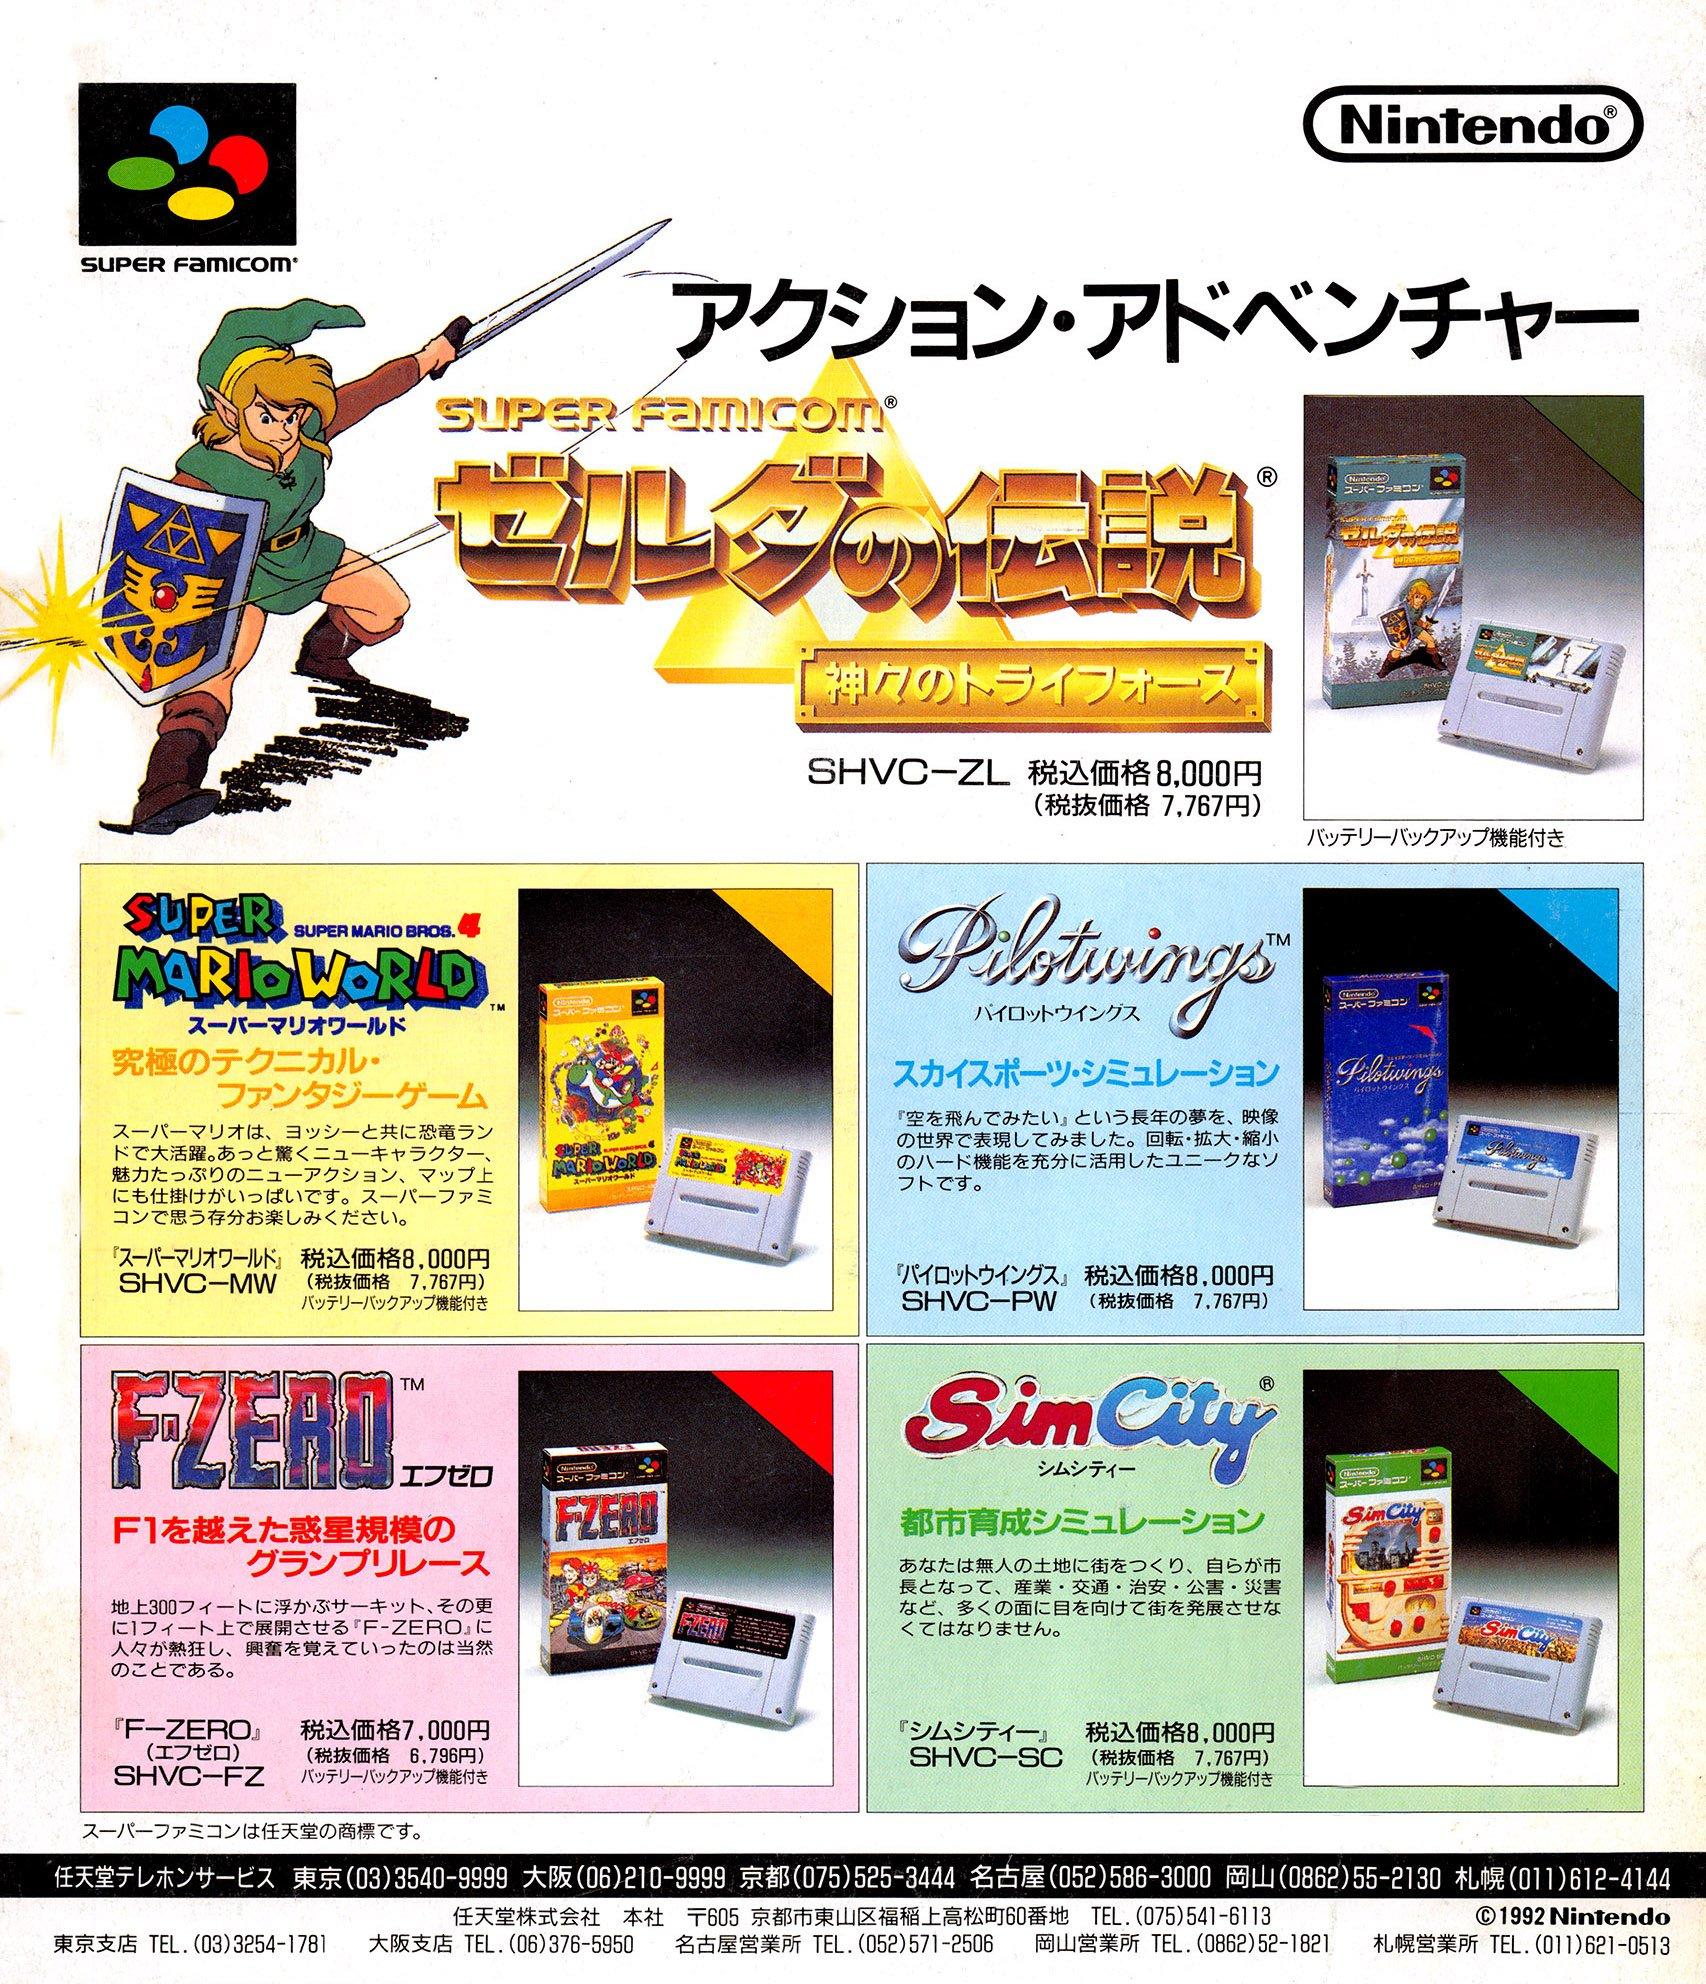 Nintendo Super Famicom lineup (Japan)